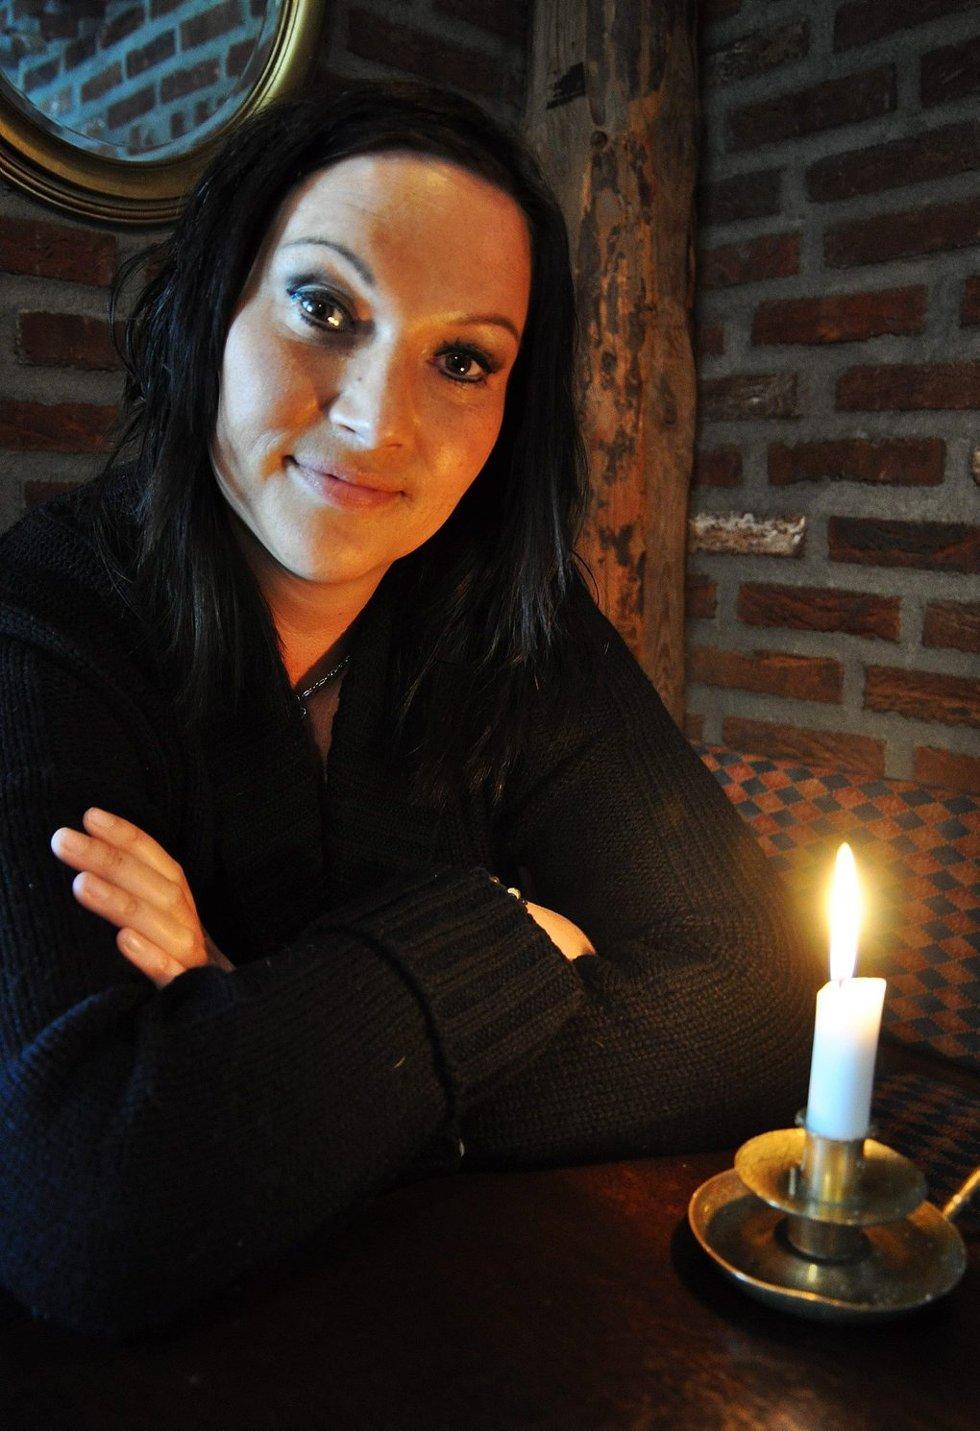 KLARSYNT: Elisabeth Gimsøy fra Evenskjer vant nylig «Jakten på den 6. sans» på TVNorge.Foto: Lasse Jangås